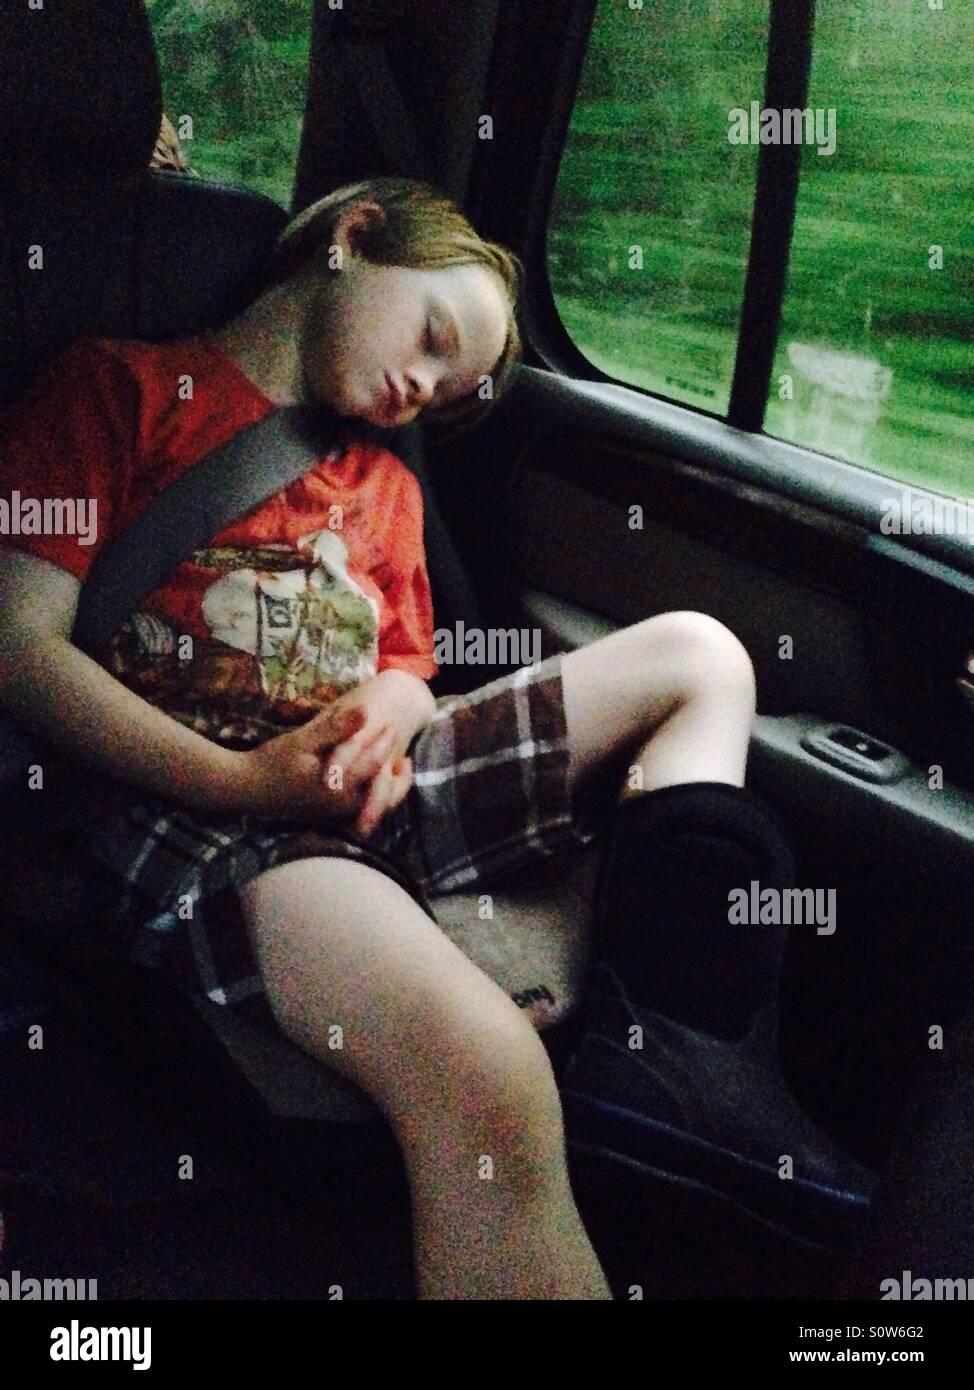 Le garçon endormi dans la voiture pendant la route Photo Stock